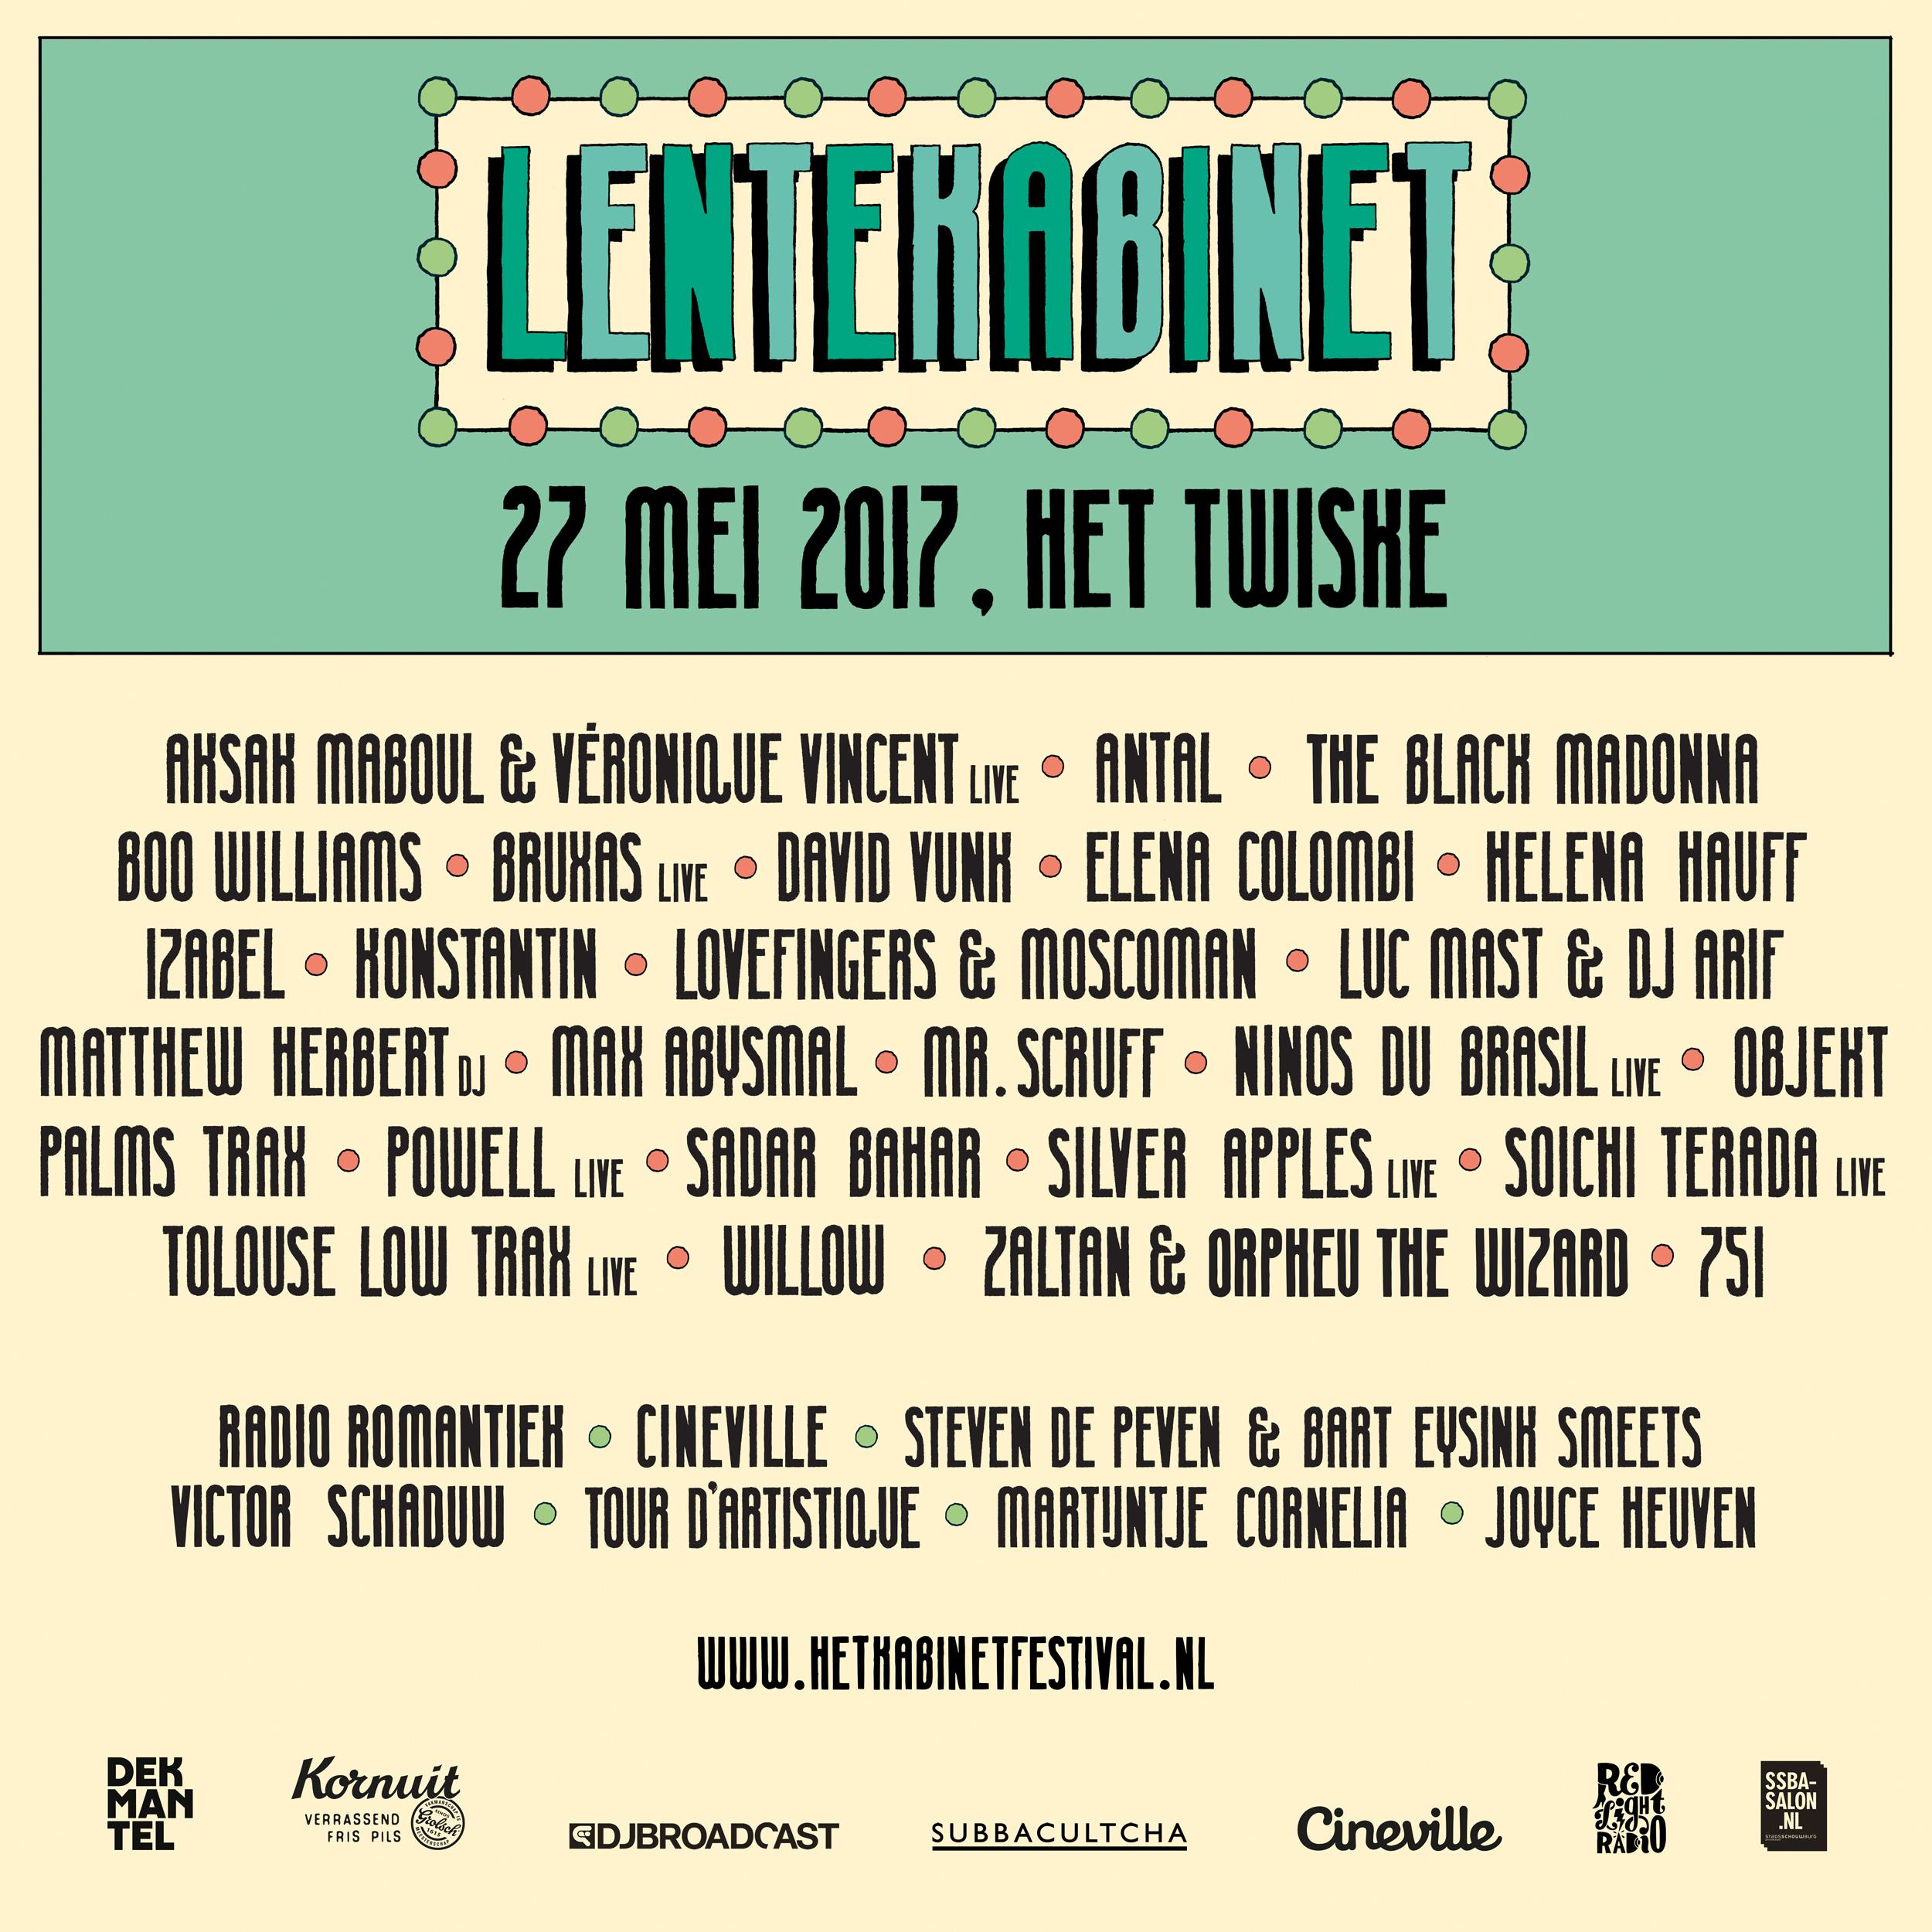 Lente Kabinet 2017 - Line-up